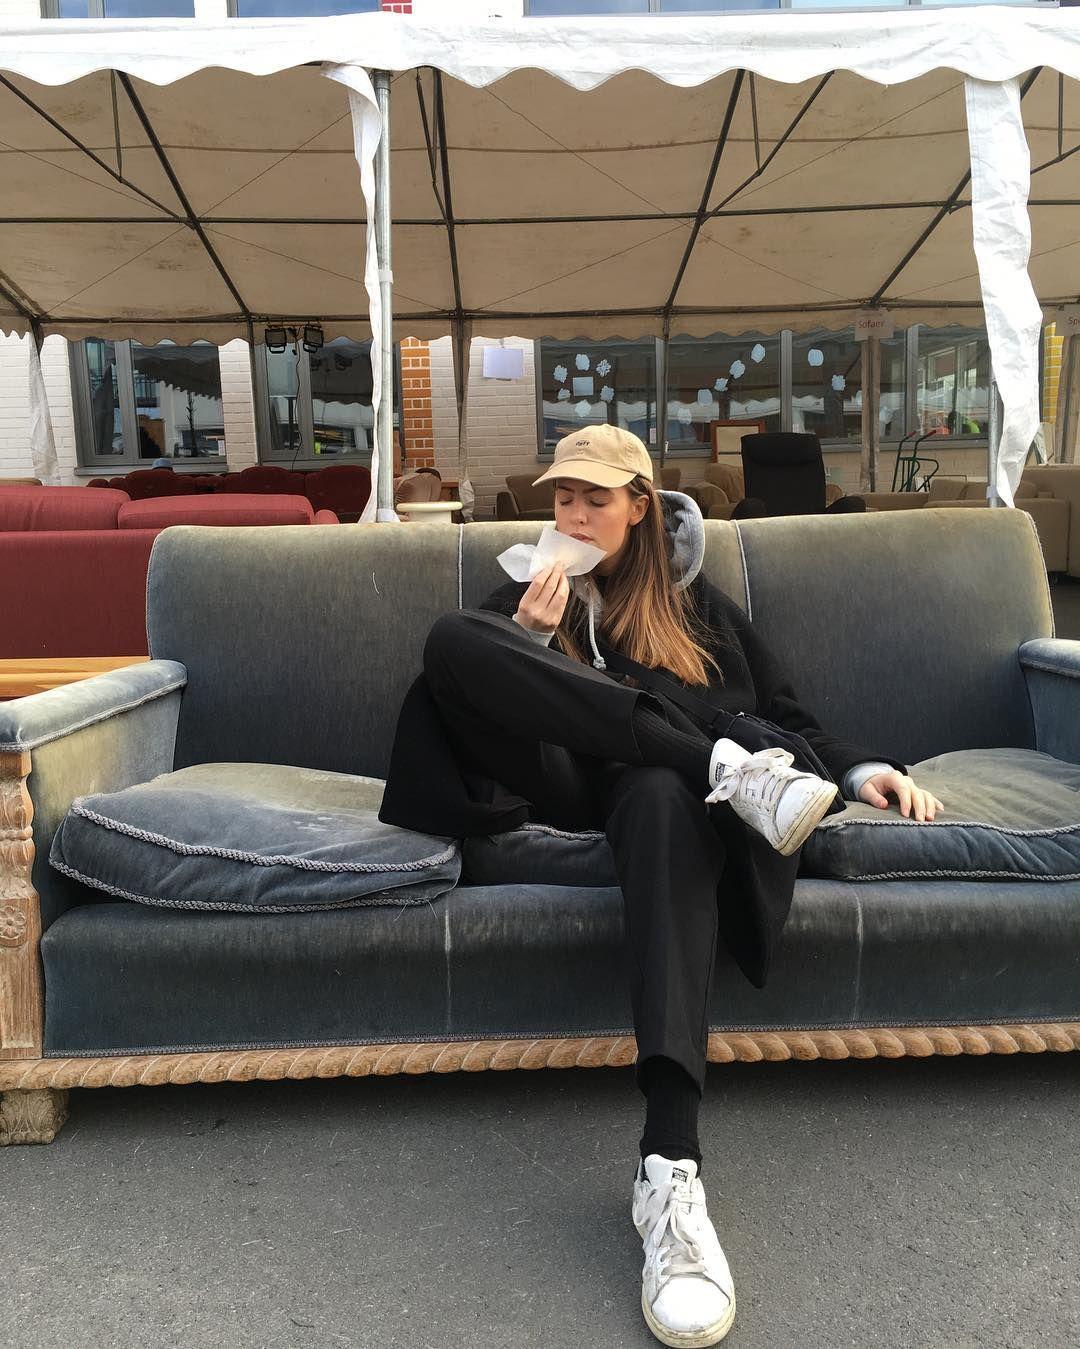 """Gefällt 433 Mal, 1 Kommentare - Ida Wammer (@idawammer) auf Instagram: """"Kan noen minne meg på hva man fyller helgene med utenfor loppemarkedsesongen?"""""""